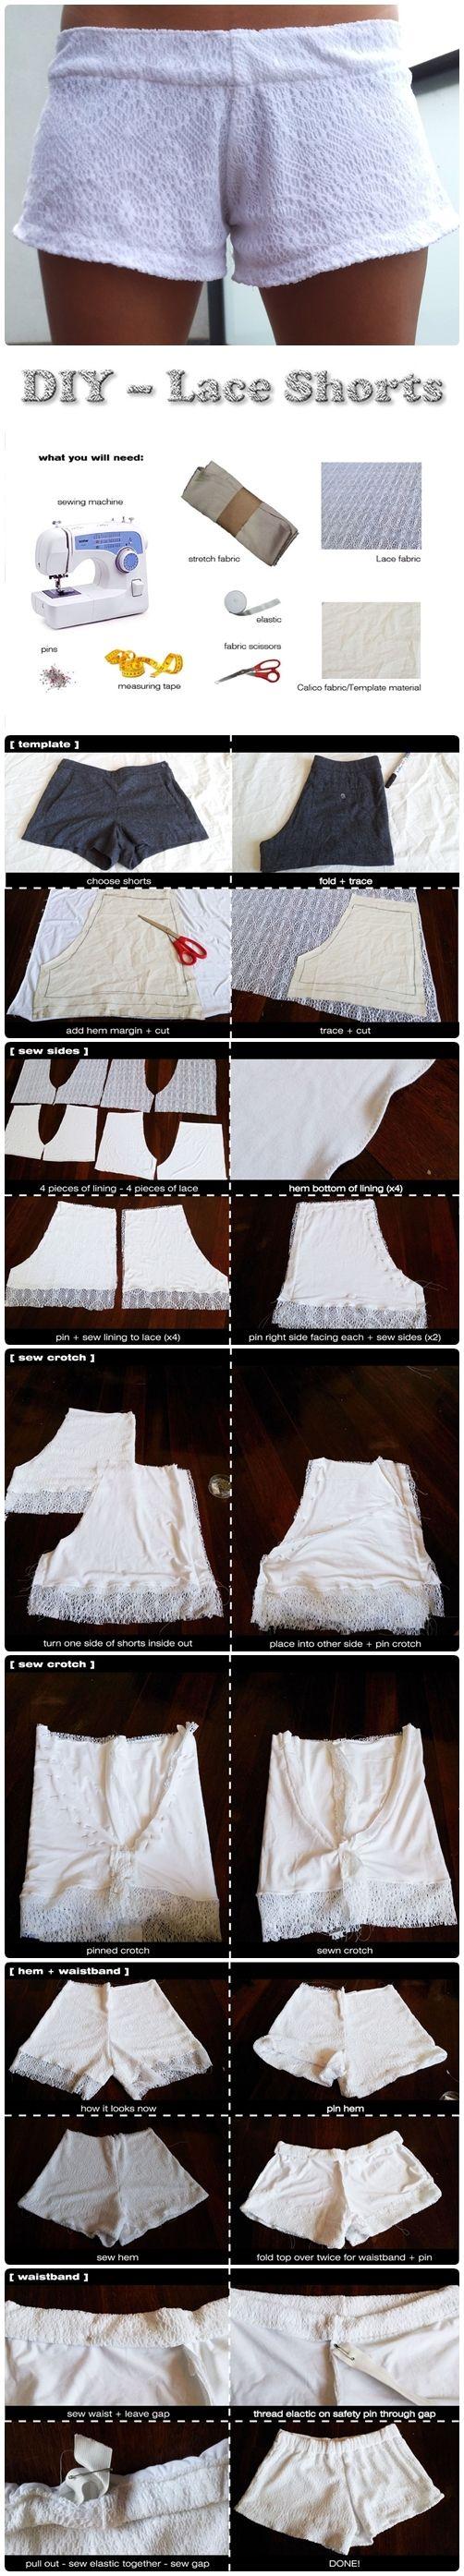 DIY Lace Shorts... cute